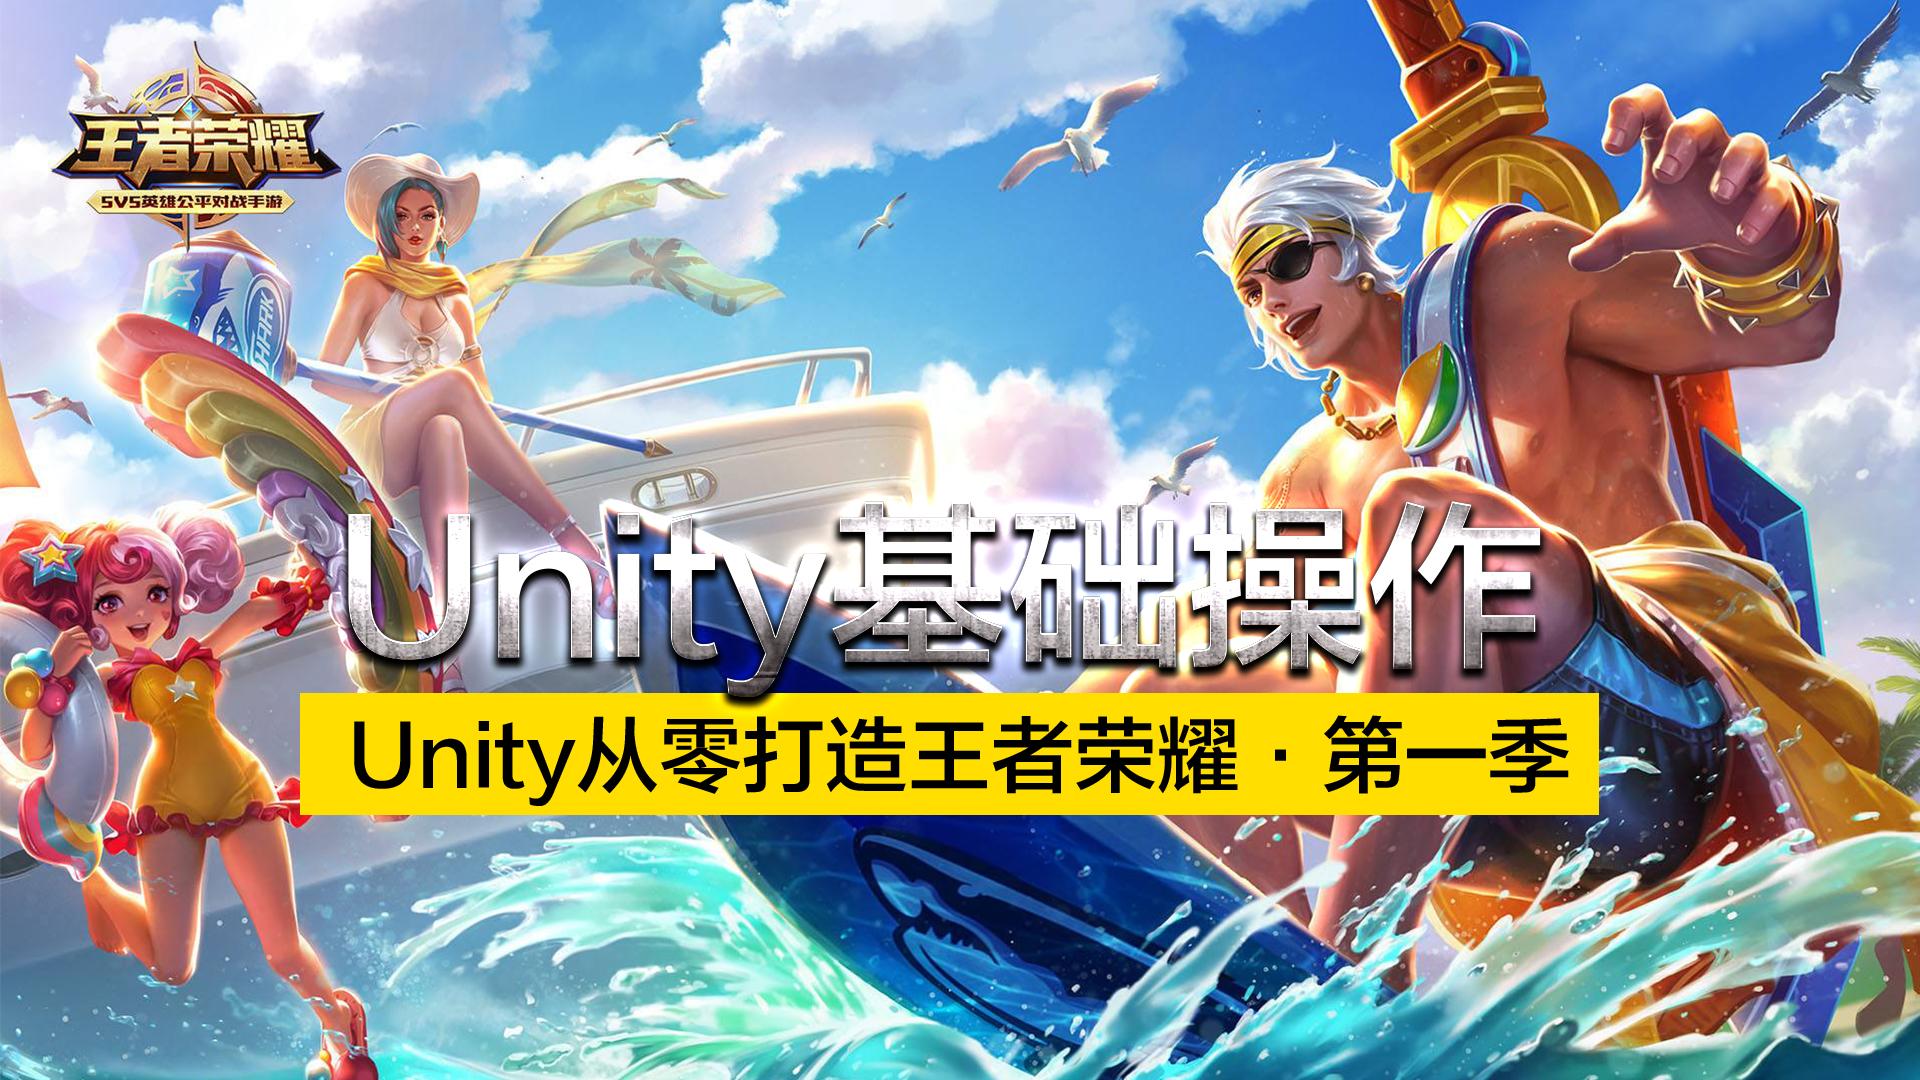 Unity3D(U3D)从零打造王者荣耀·第一季:Unity基础操作